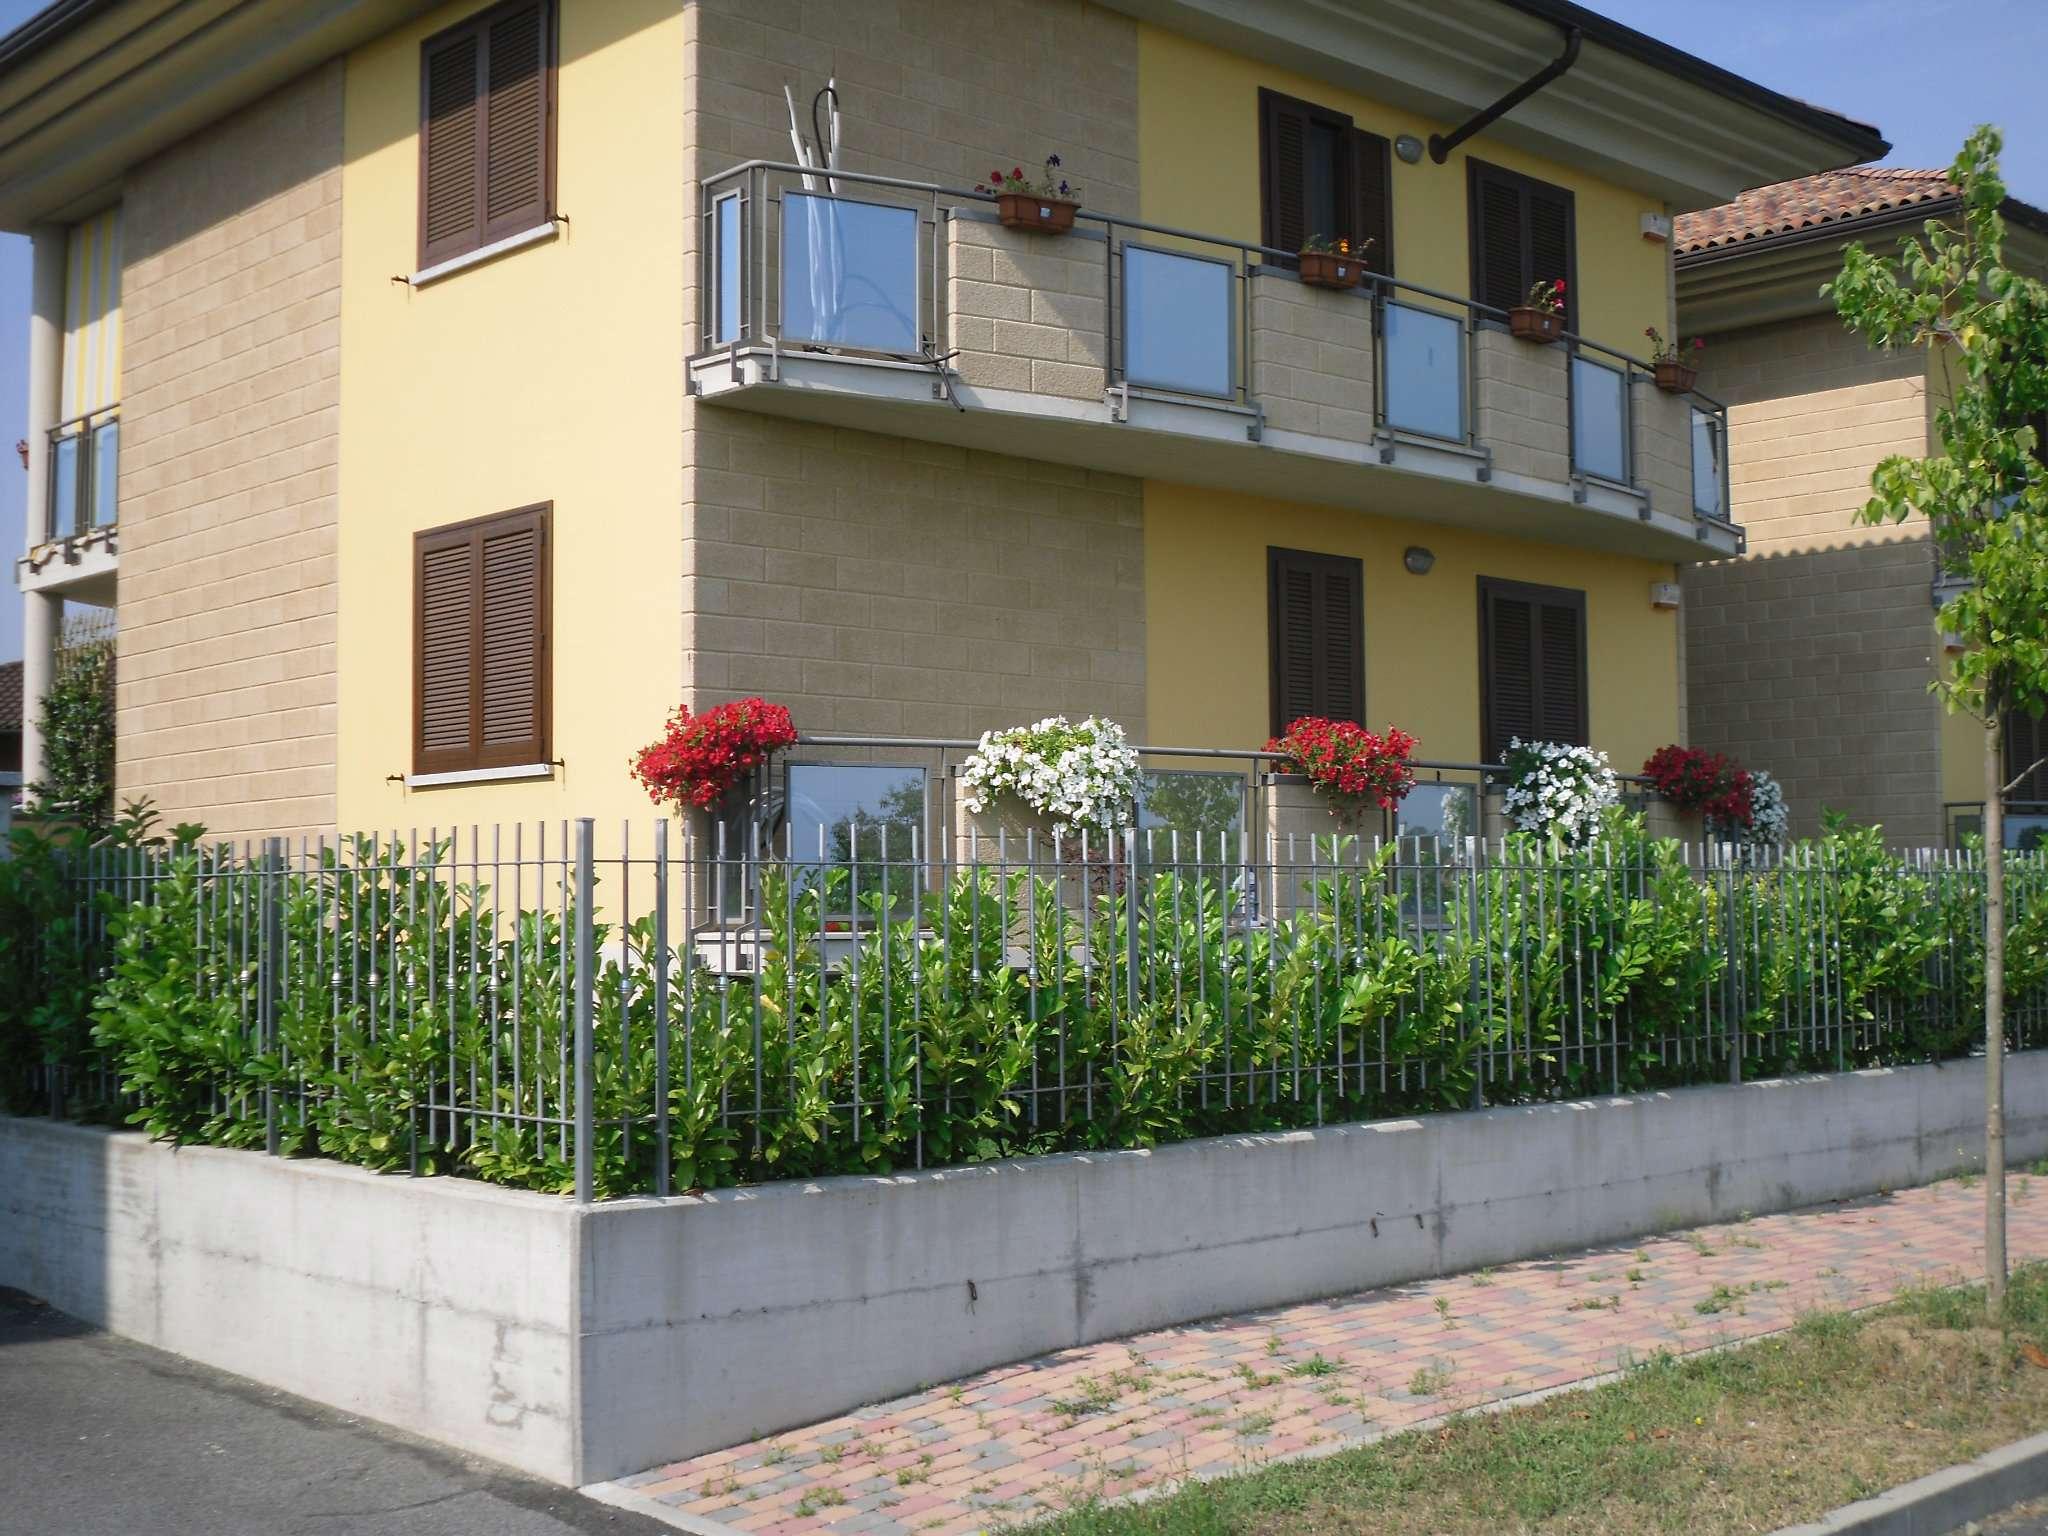 Appartamento in vendita a Volpiano, 4 locali, prezzo € 163.000 | CambioCasa.it